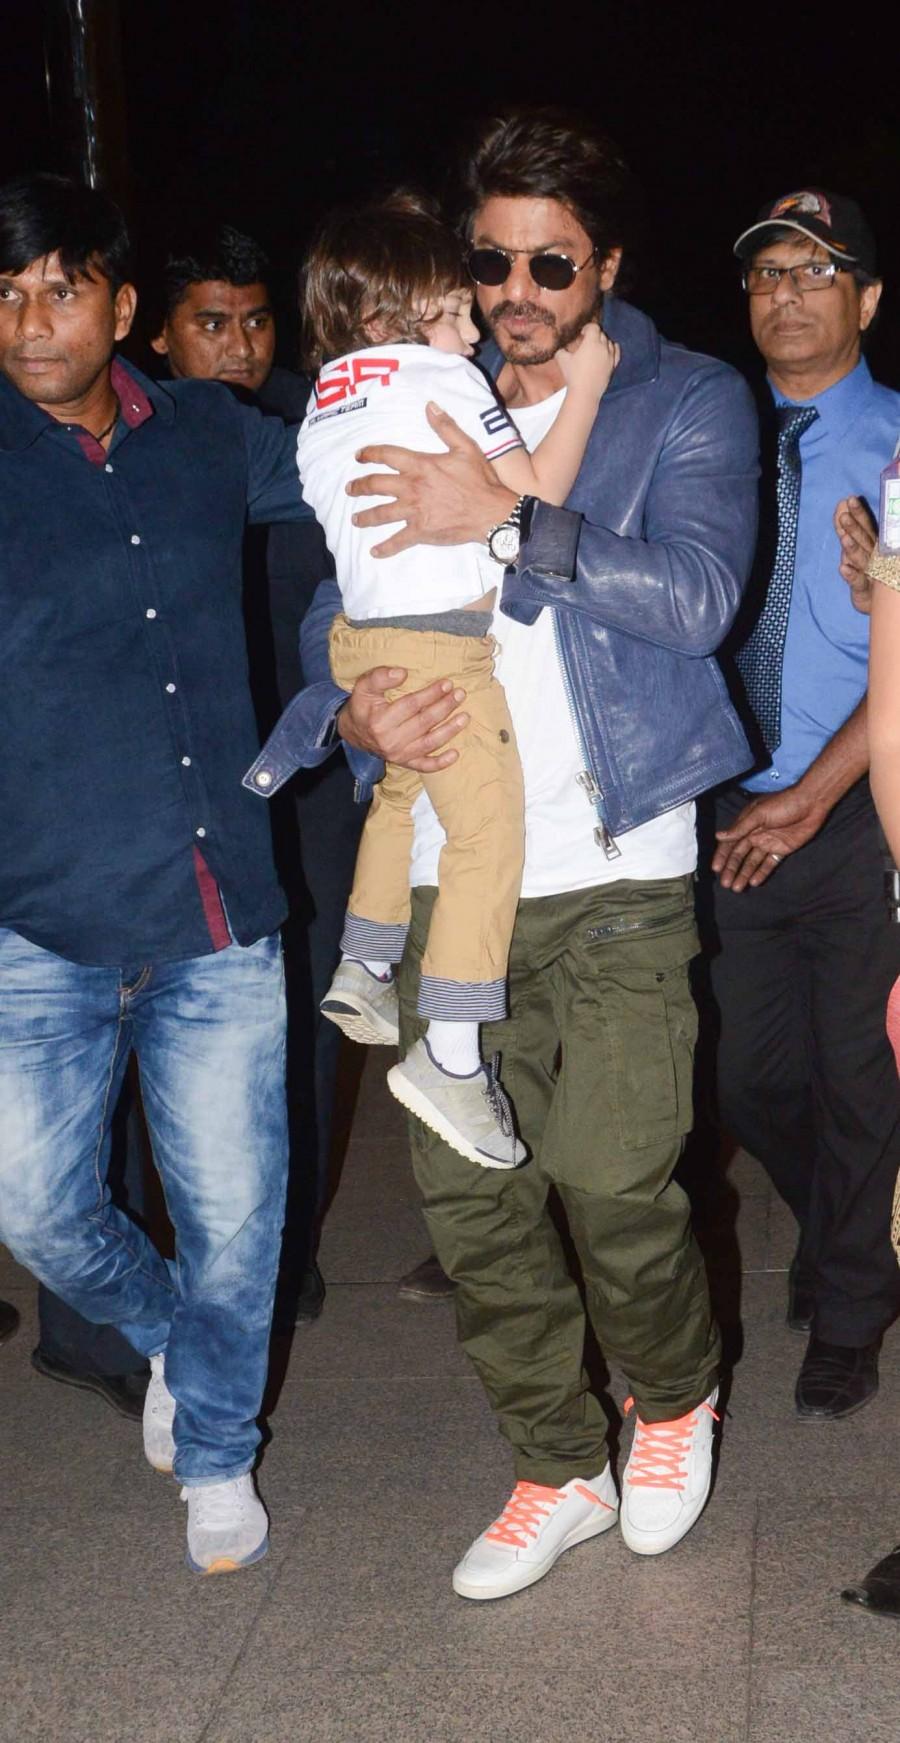 Shahrukh Khan,Shahrukh Khan with Abram,Shahrukh Khan with Abram at Mumbai Airport,Shahrukh Khan at Mumbai Airport,Abram at Mumbai Airport,Abram,Shahrukh Khan and Abram